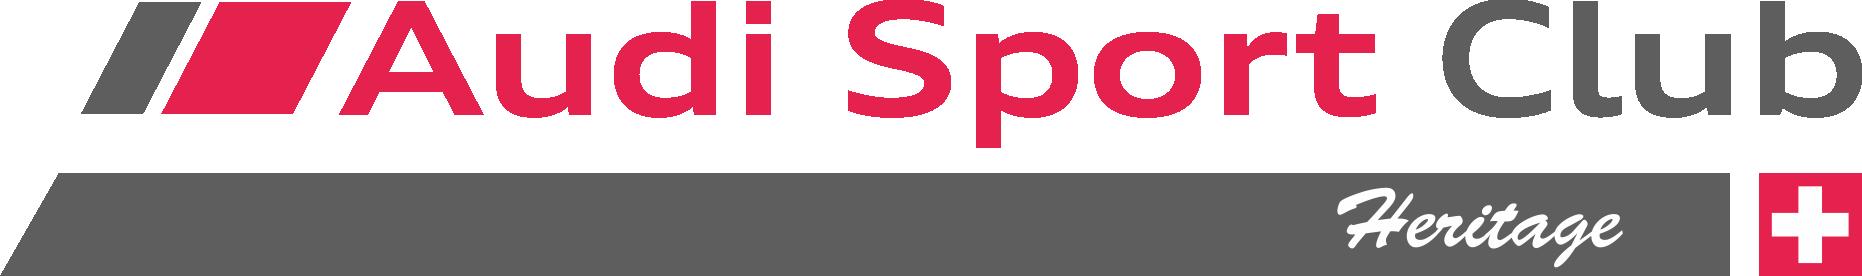 ascs, logo, png, version heritage